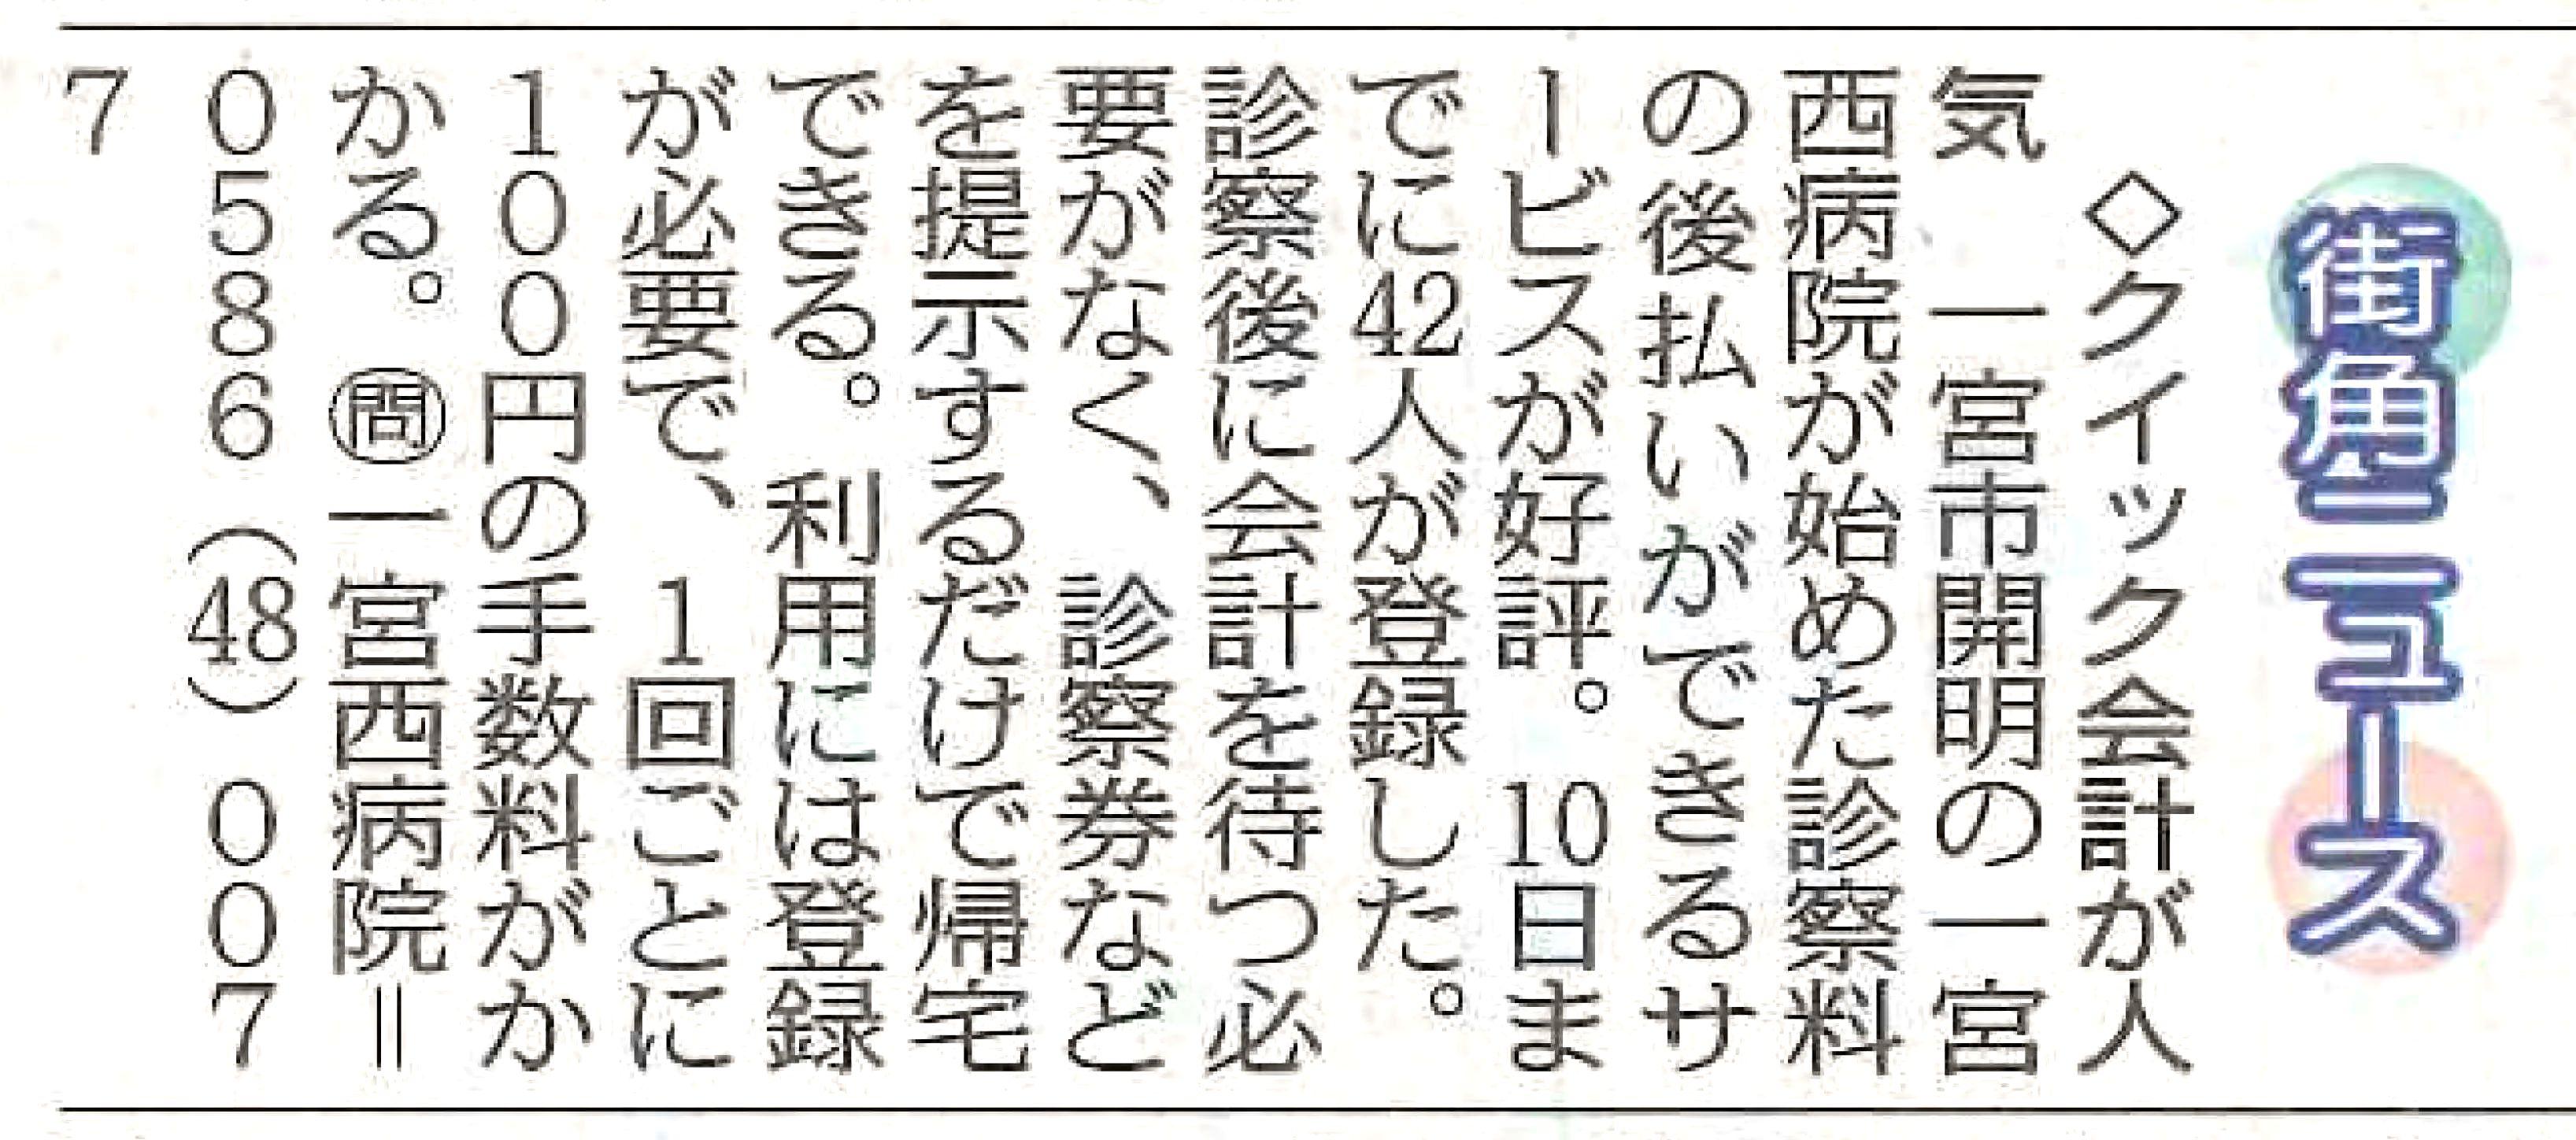 中日新聞(尾張版)5月13日(金曜日)付・朝刊